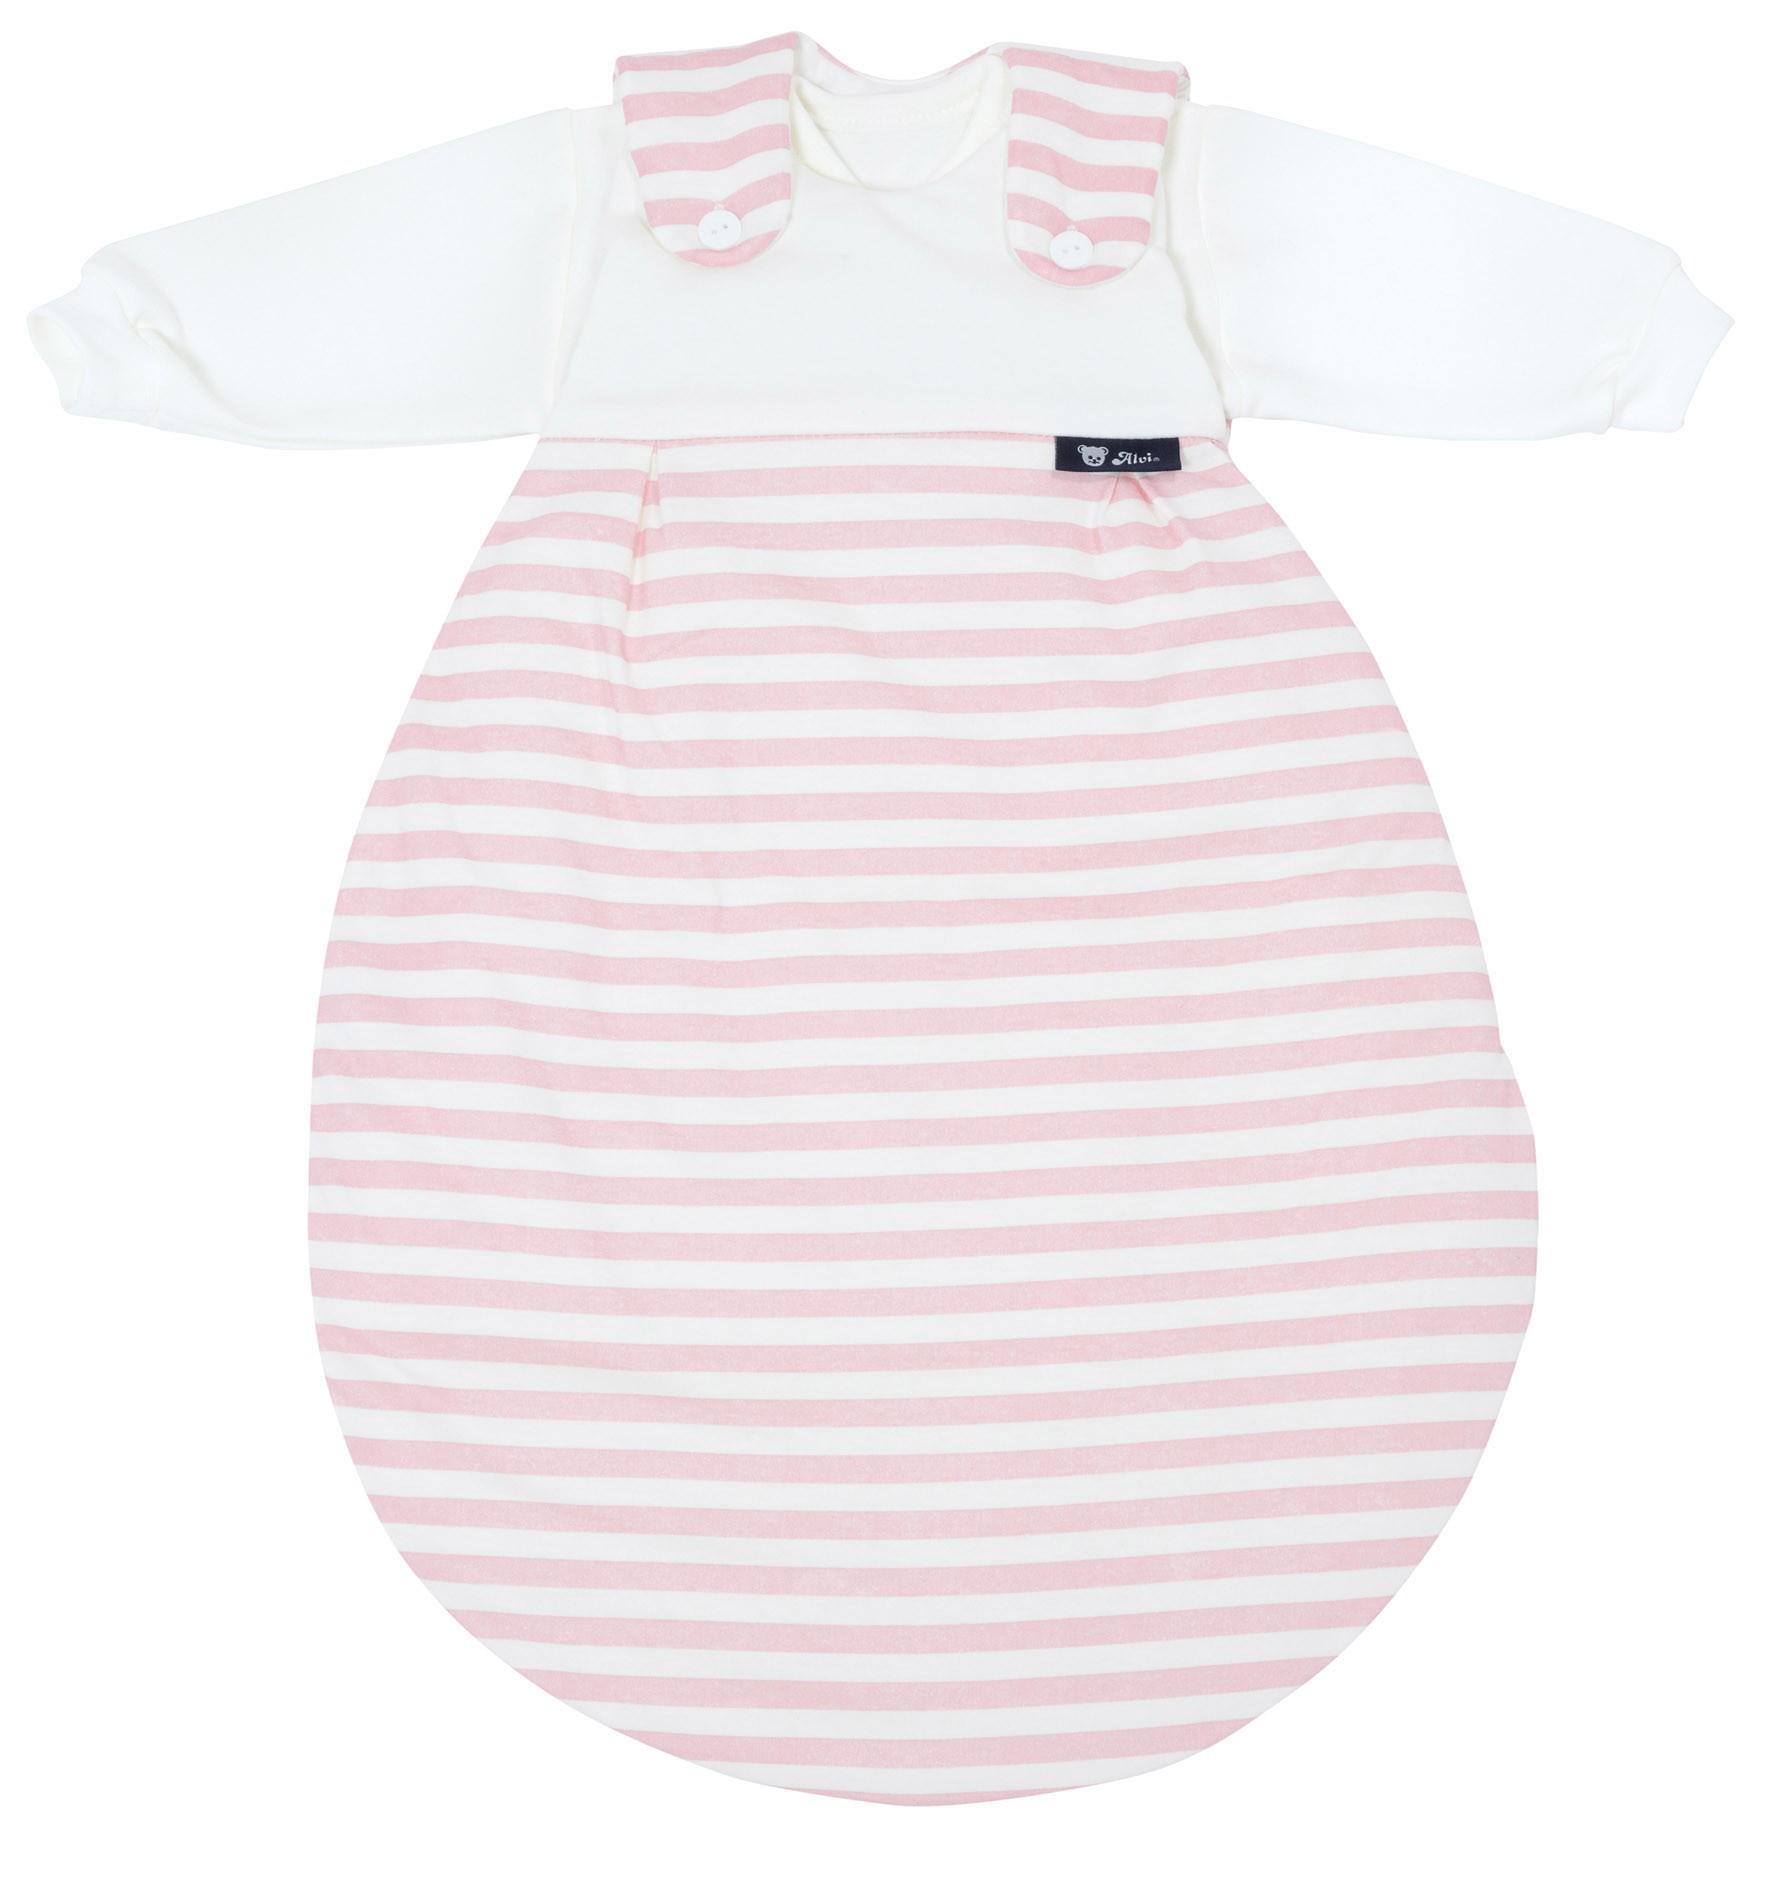 Alvi Baby Mäxchen Schlafsack 74/80 117-2